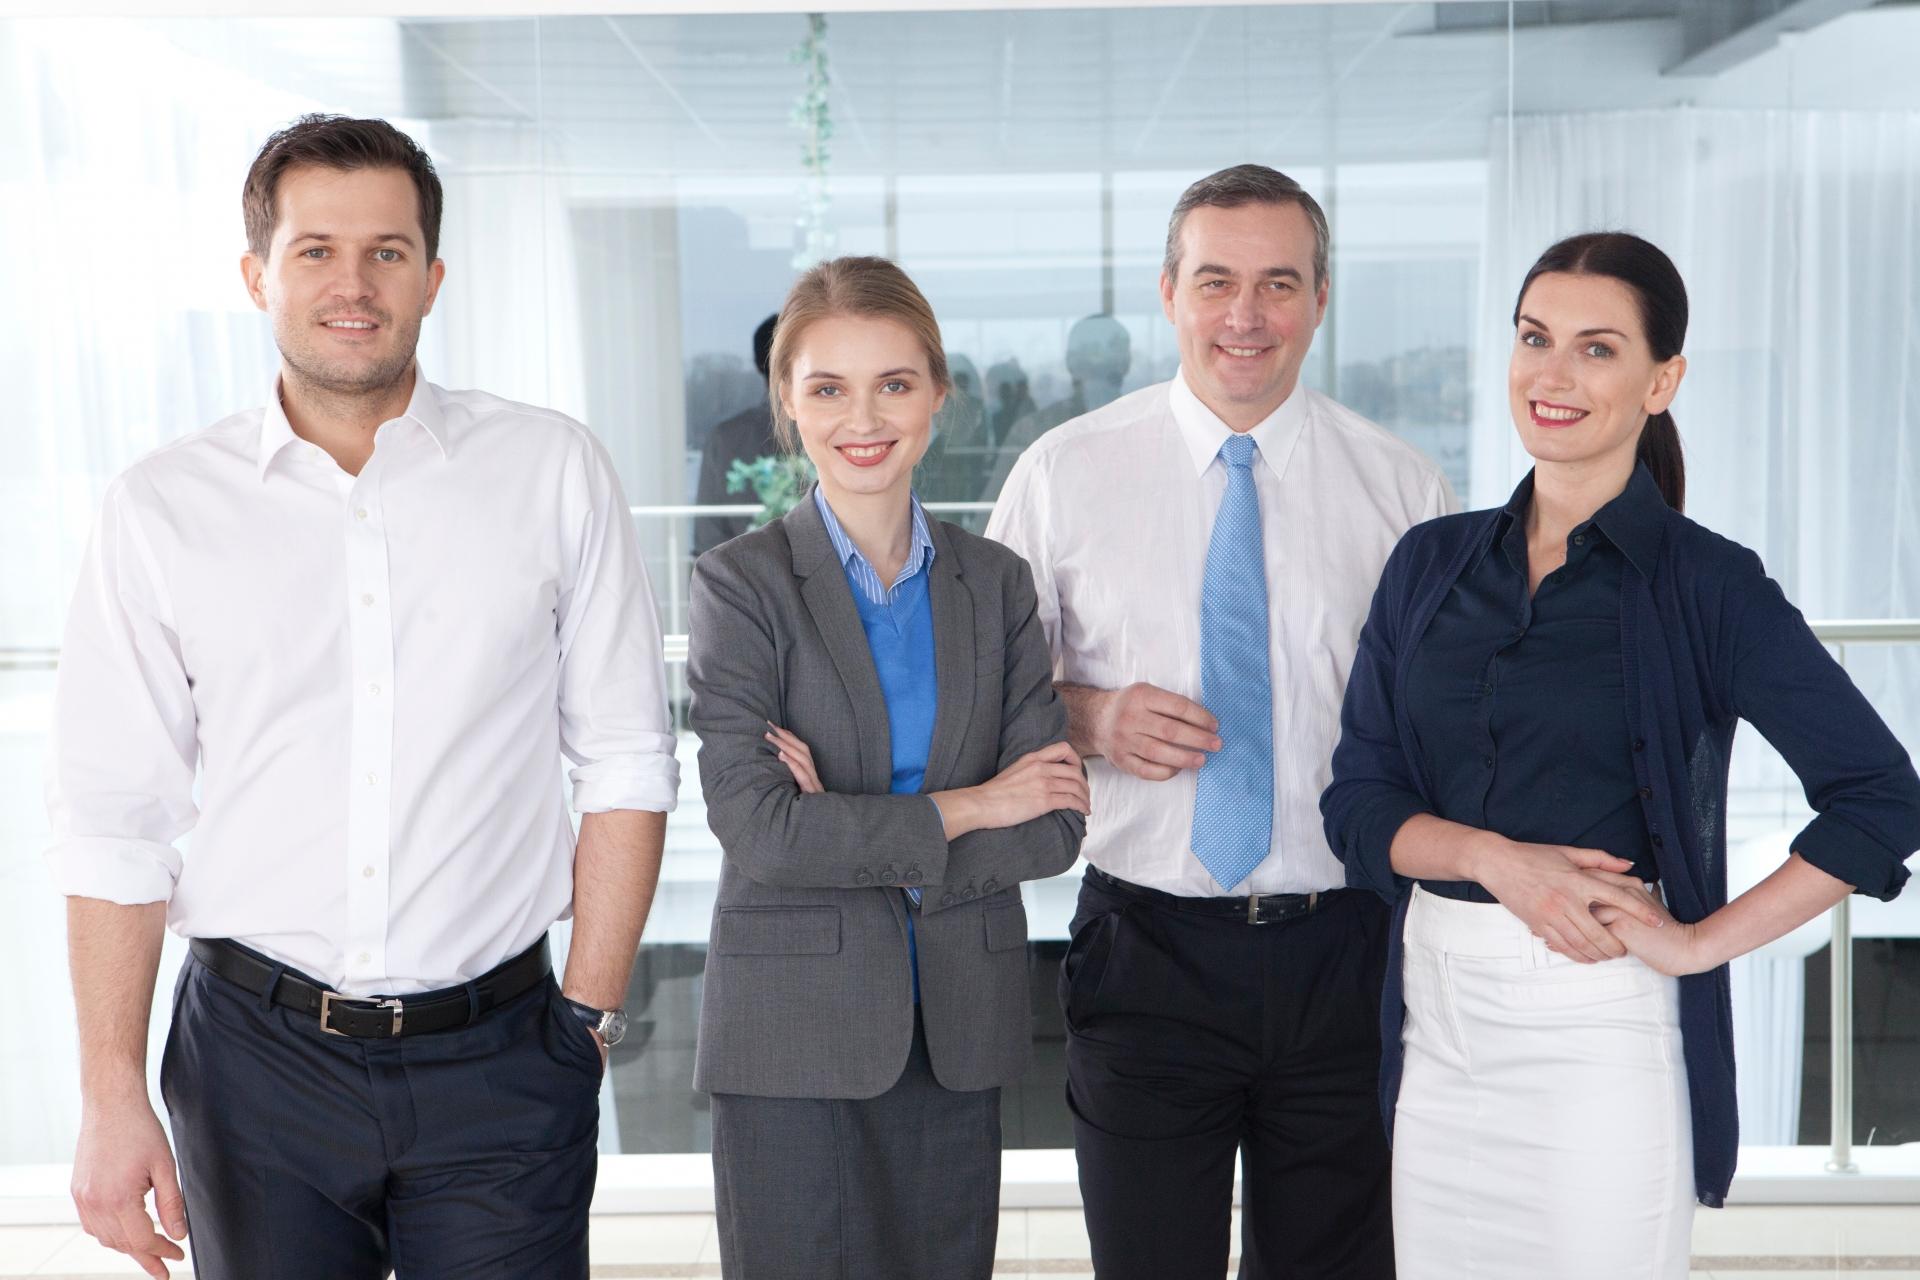 中小企業の業務改善がうまくいく理由